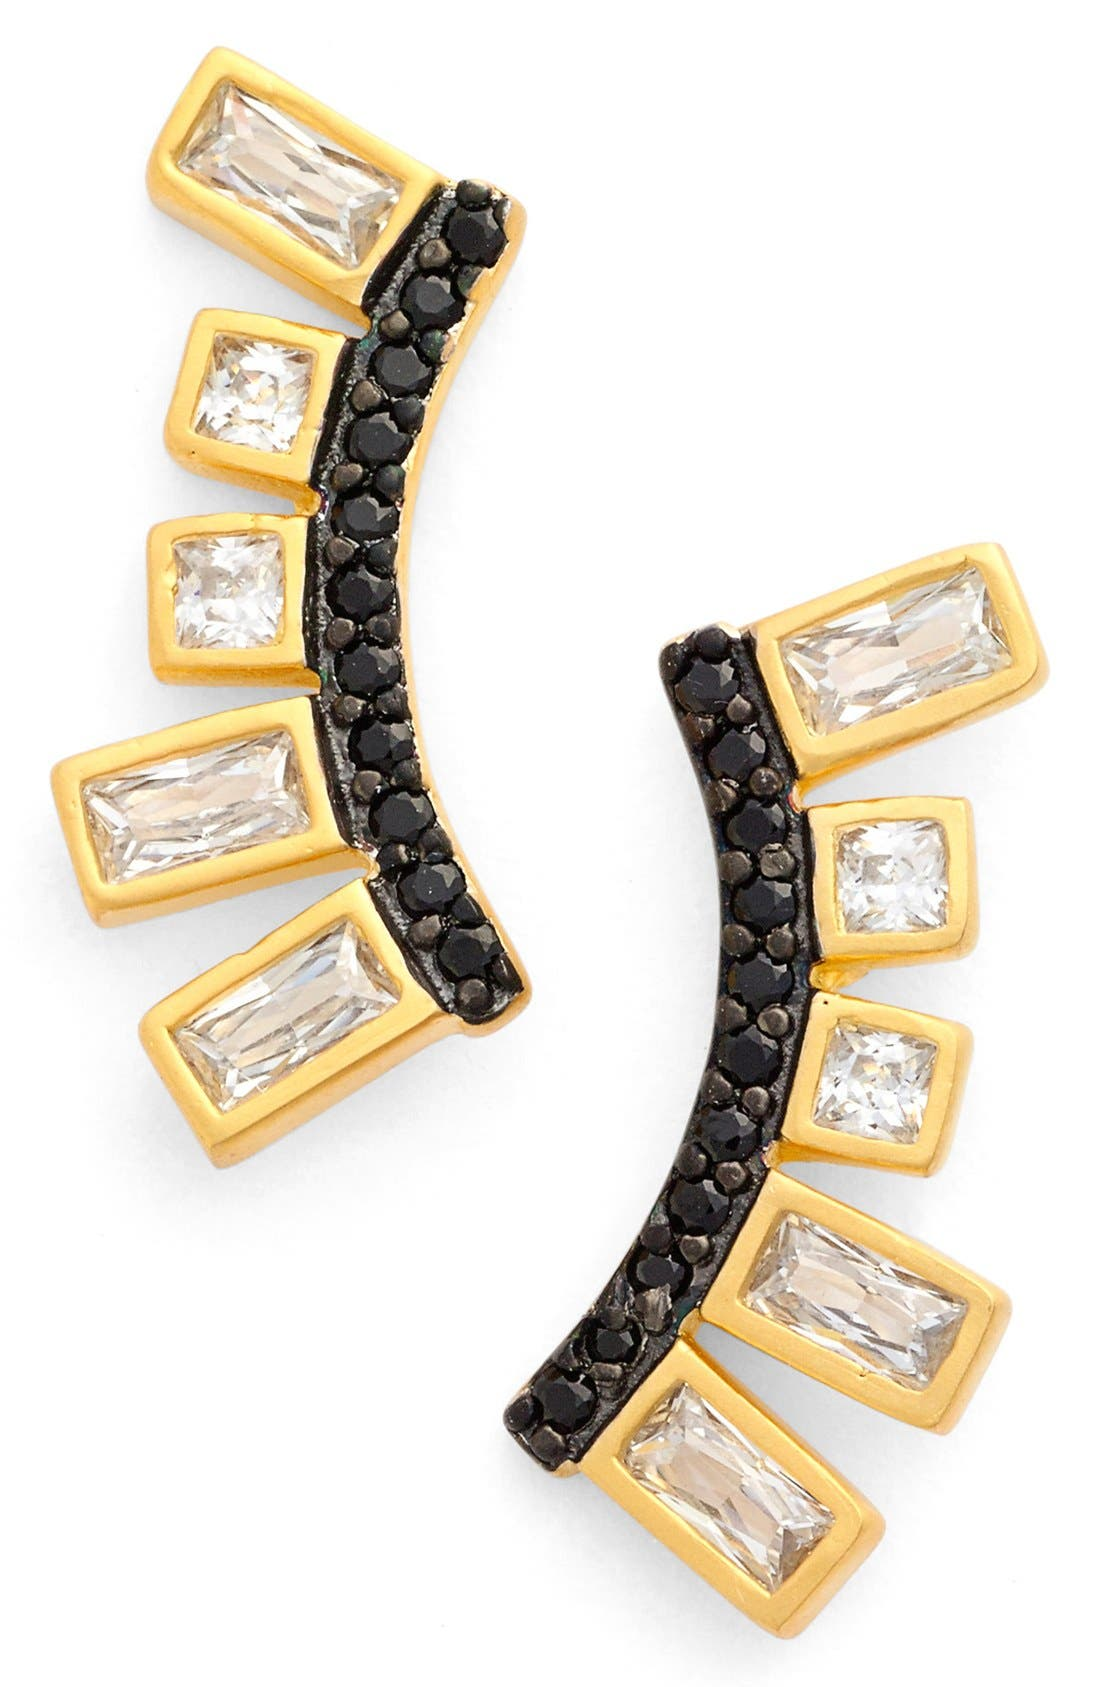 Main Image - FREIDA ROTHMAN 'Double Helix' Cubic Zirconia Ear Crawlers